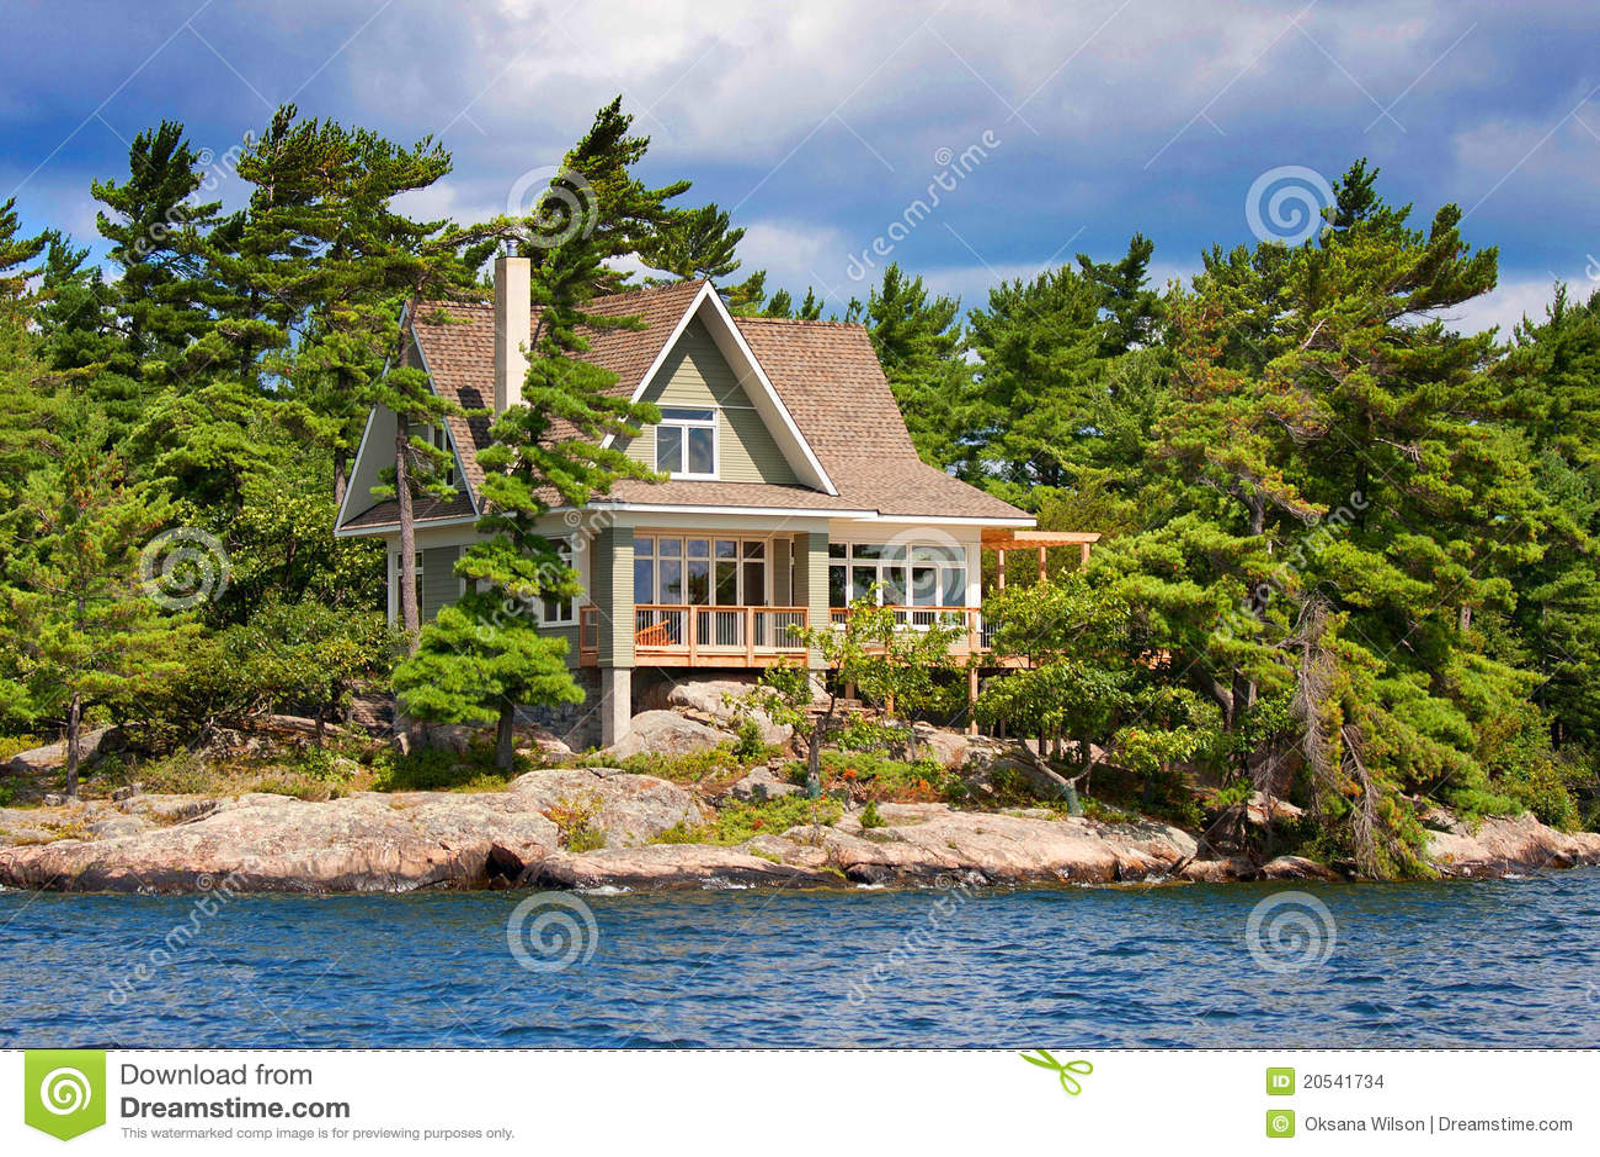 cottage di legno sul lago immagini stock immagine 20541734